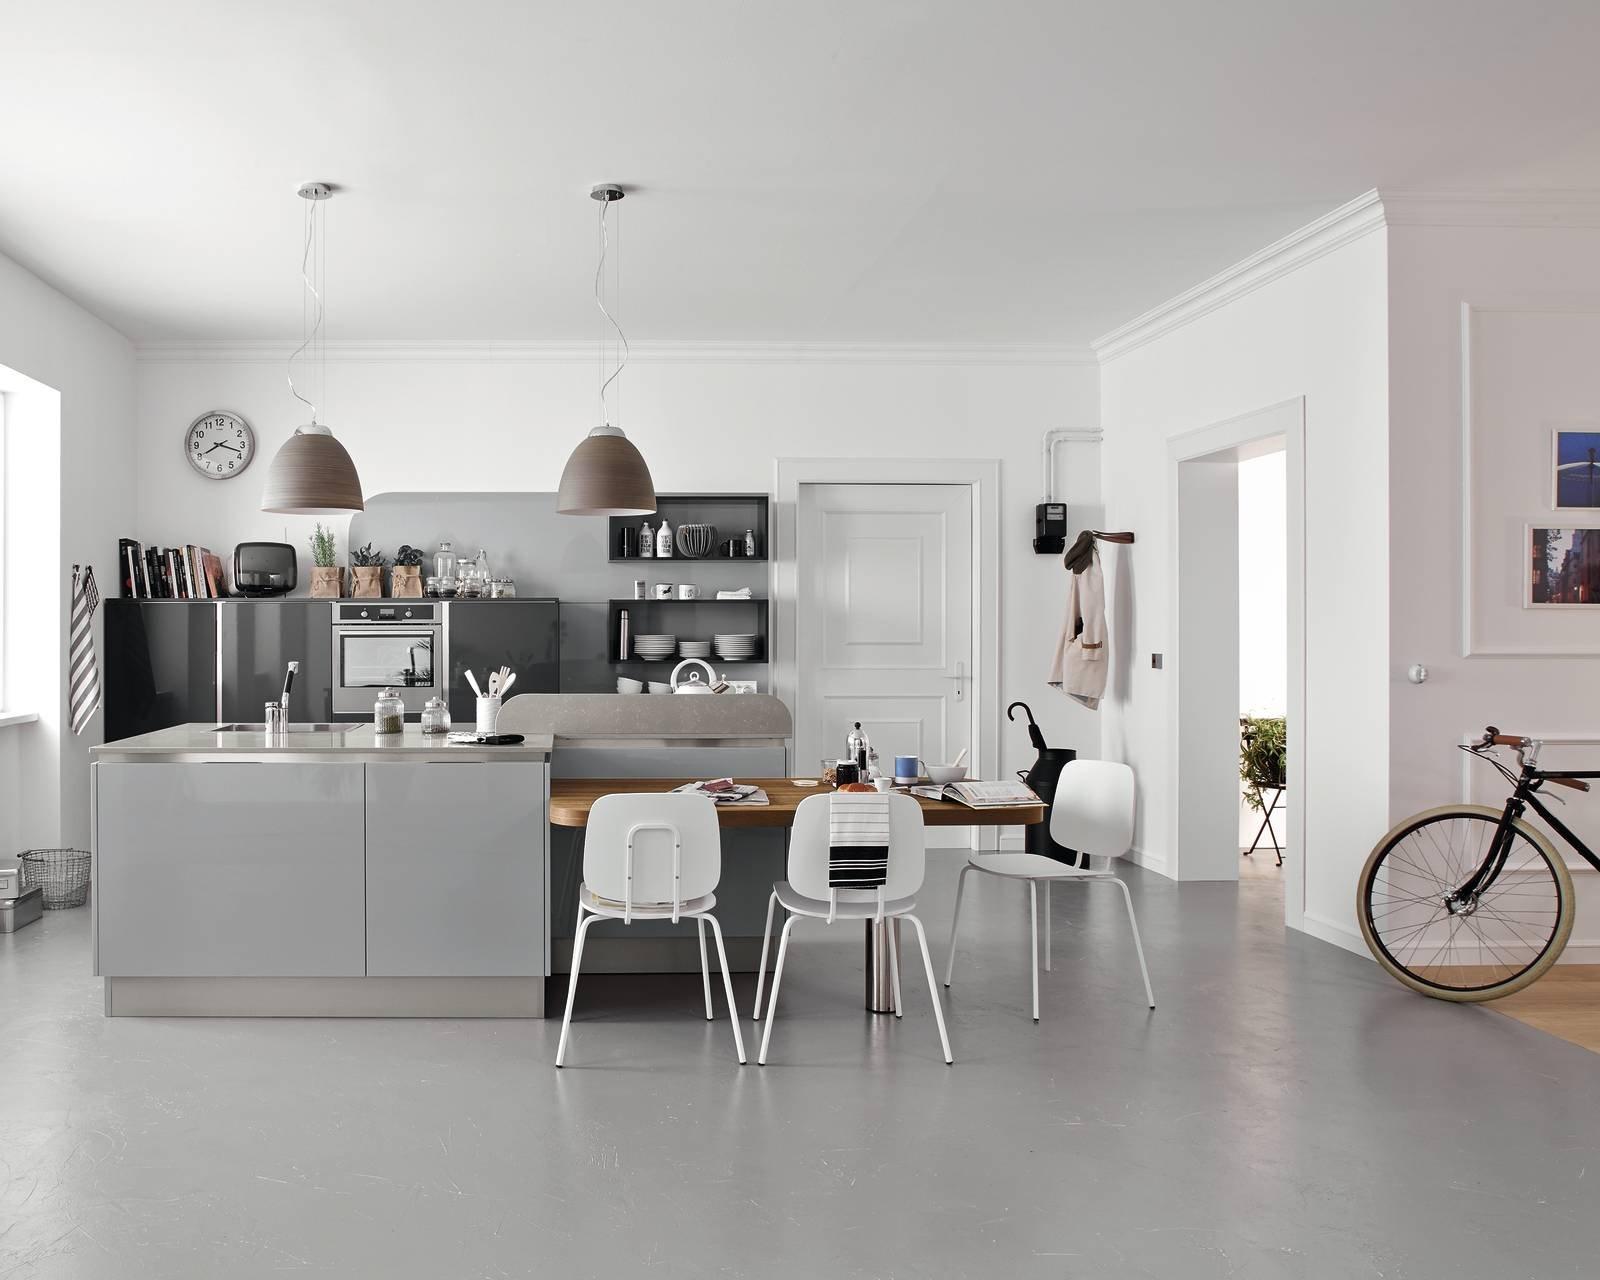 Cucina con l 39 isola in genere divise in due blocchi cose di casa - Cucine con ante scorrevoli ...